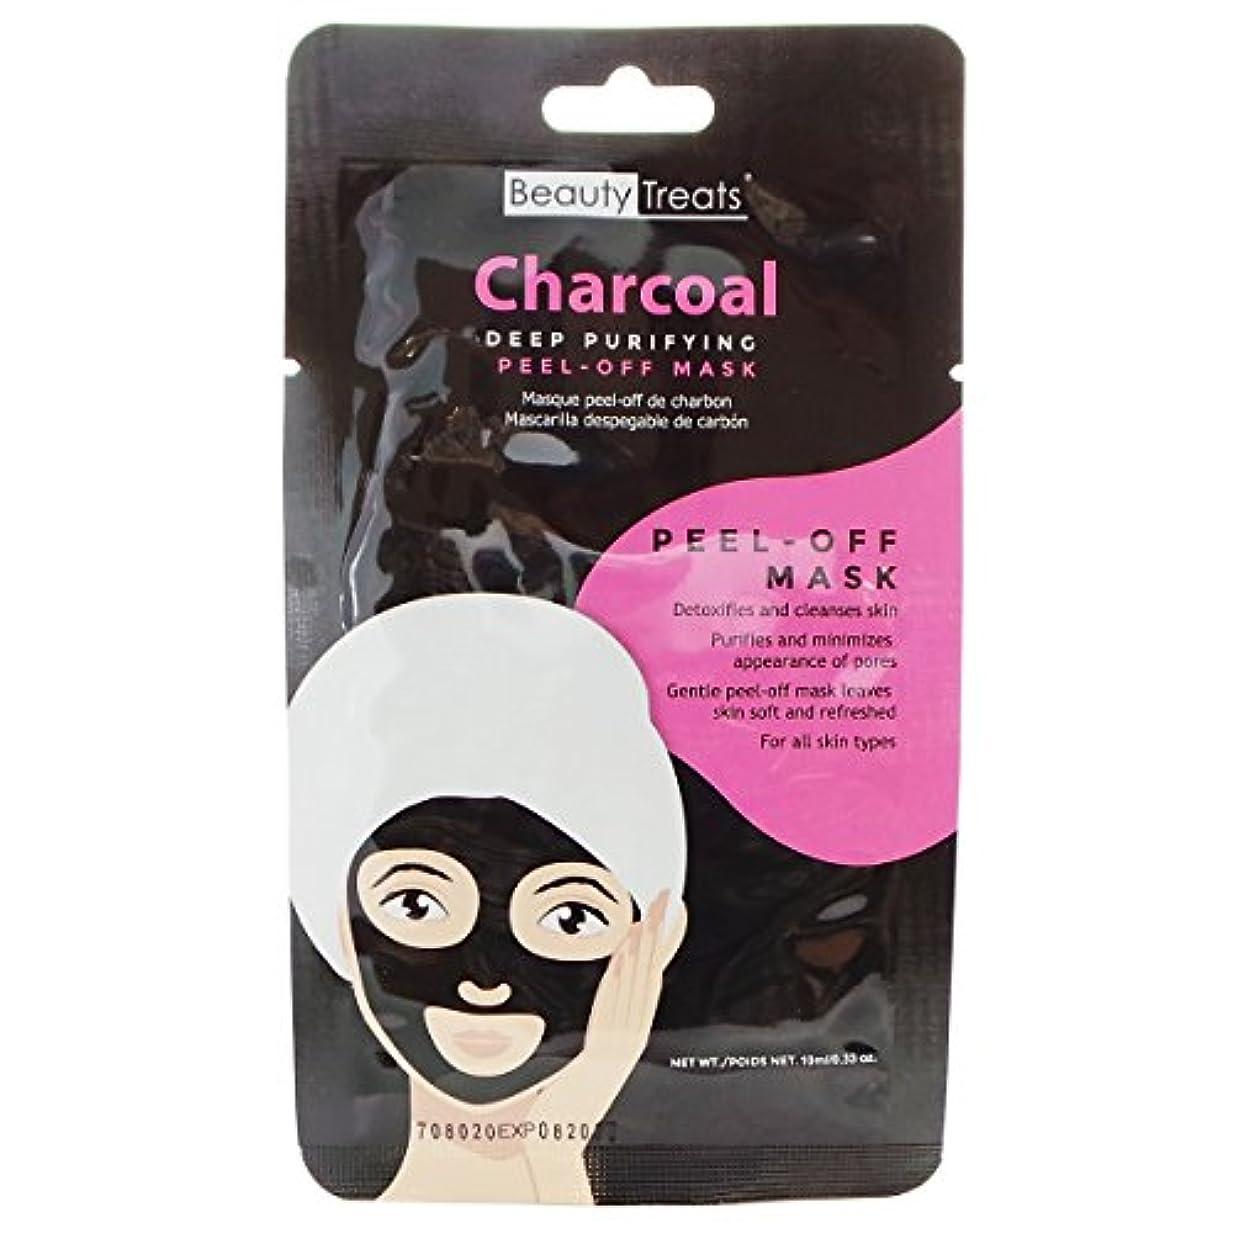 オゾンくまのために(3 Pack) BEAUTY TREATS Deep Purifying Peel-Off Charcoal Mask (並行輸入品)